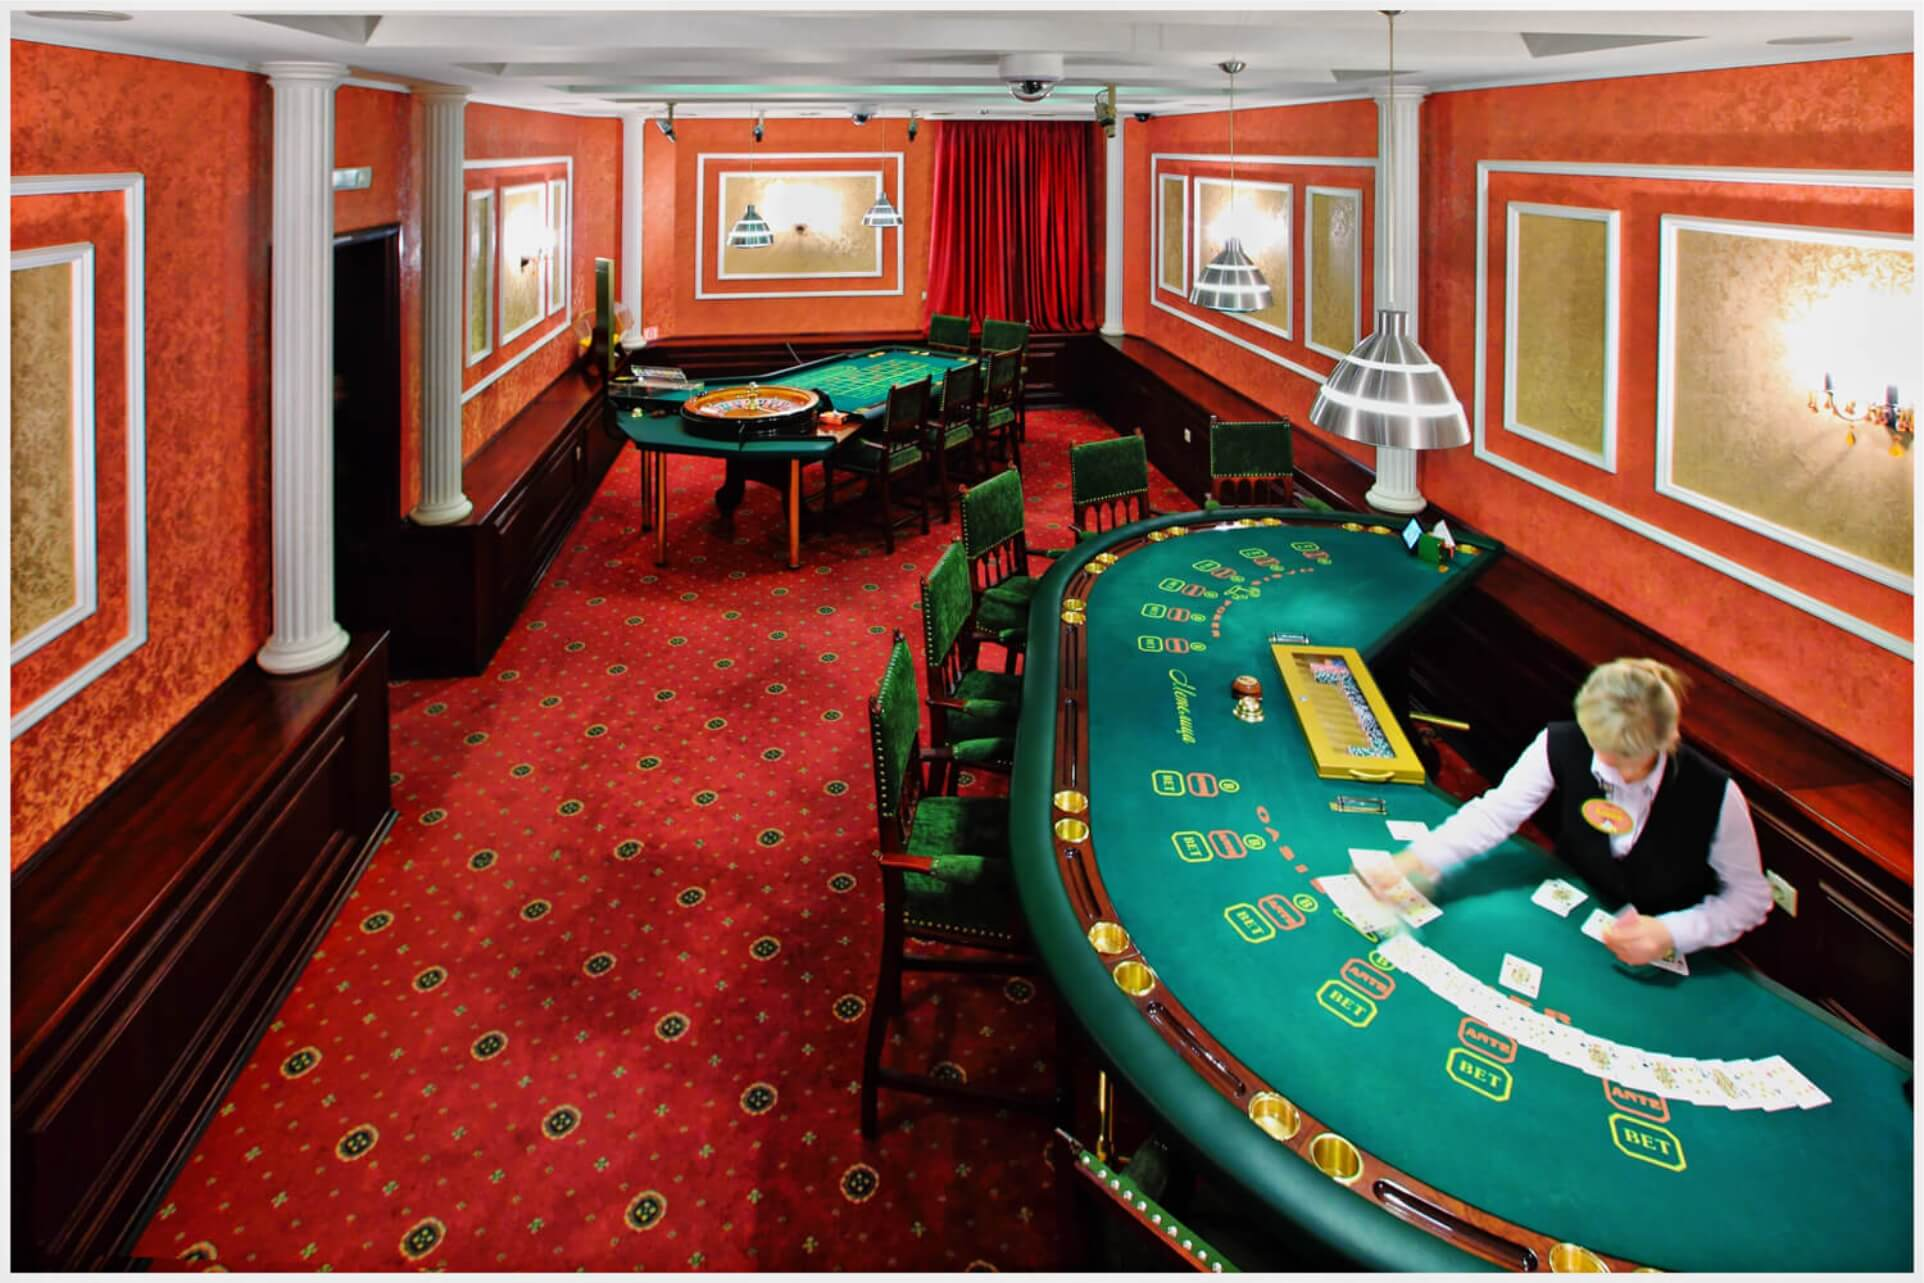 Табу казино отзывы игровые автоматы веселый дом